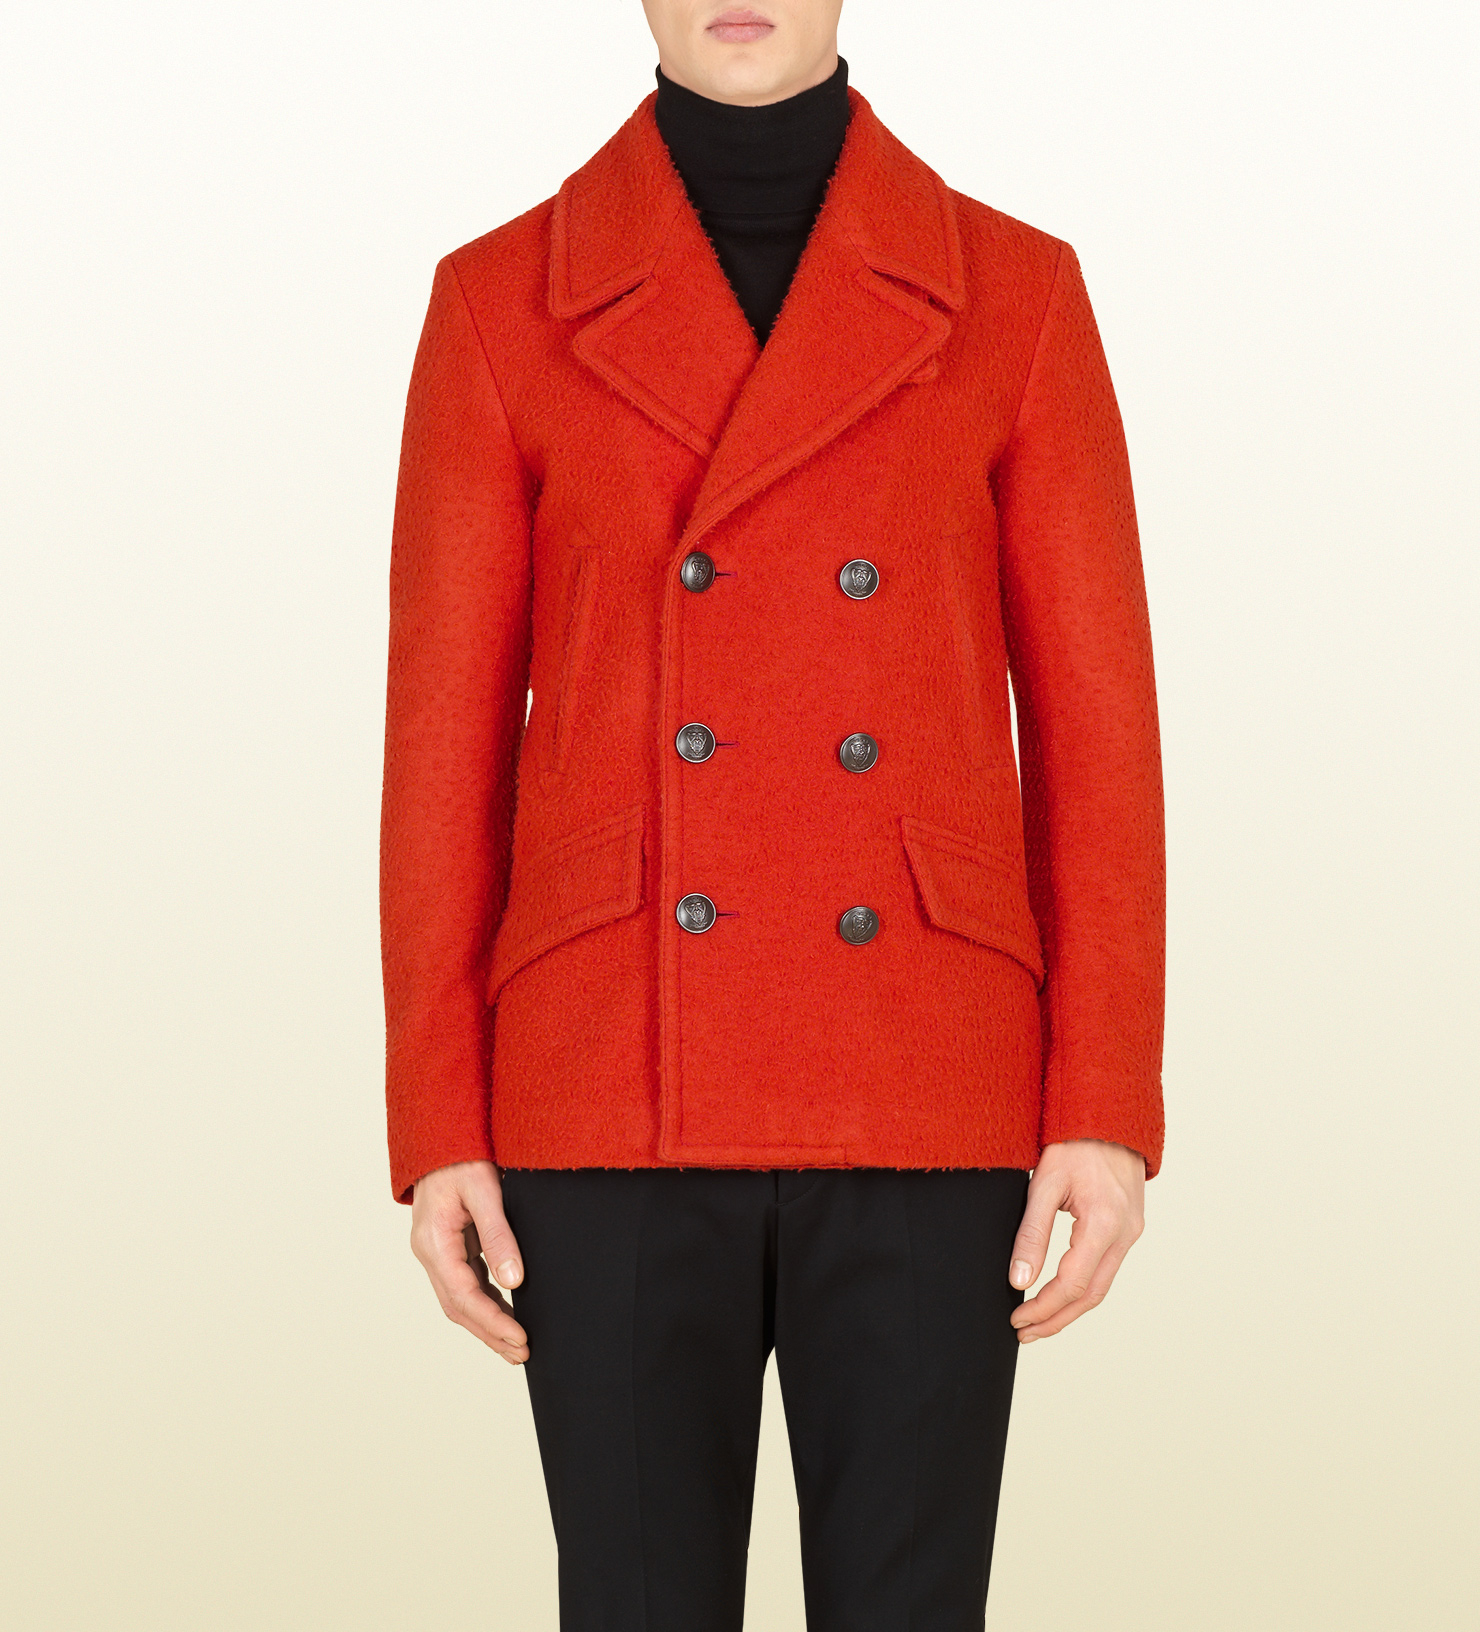 Orange Pea Coat Fashion Women S Coat 2017